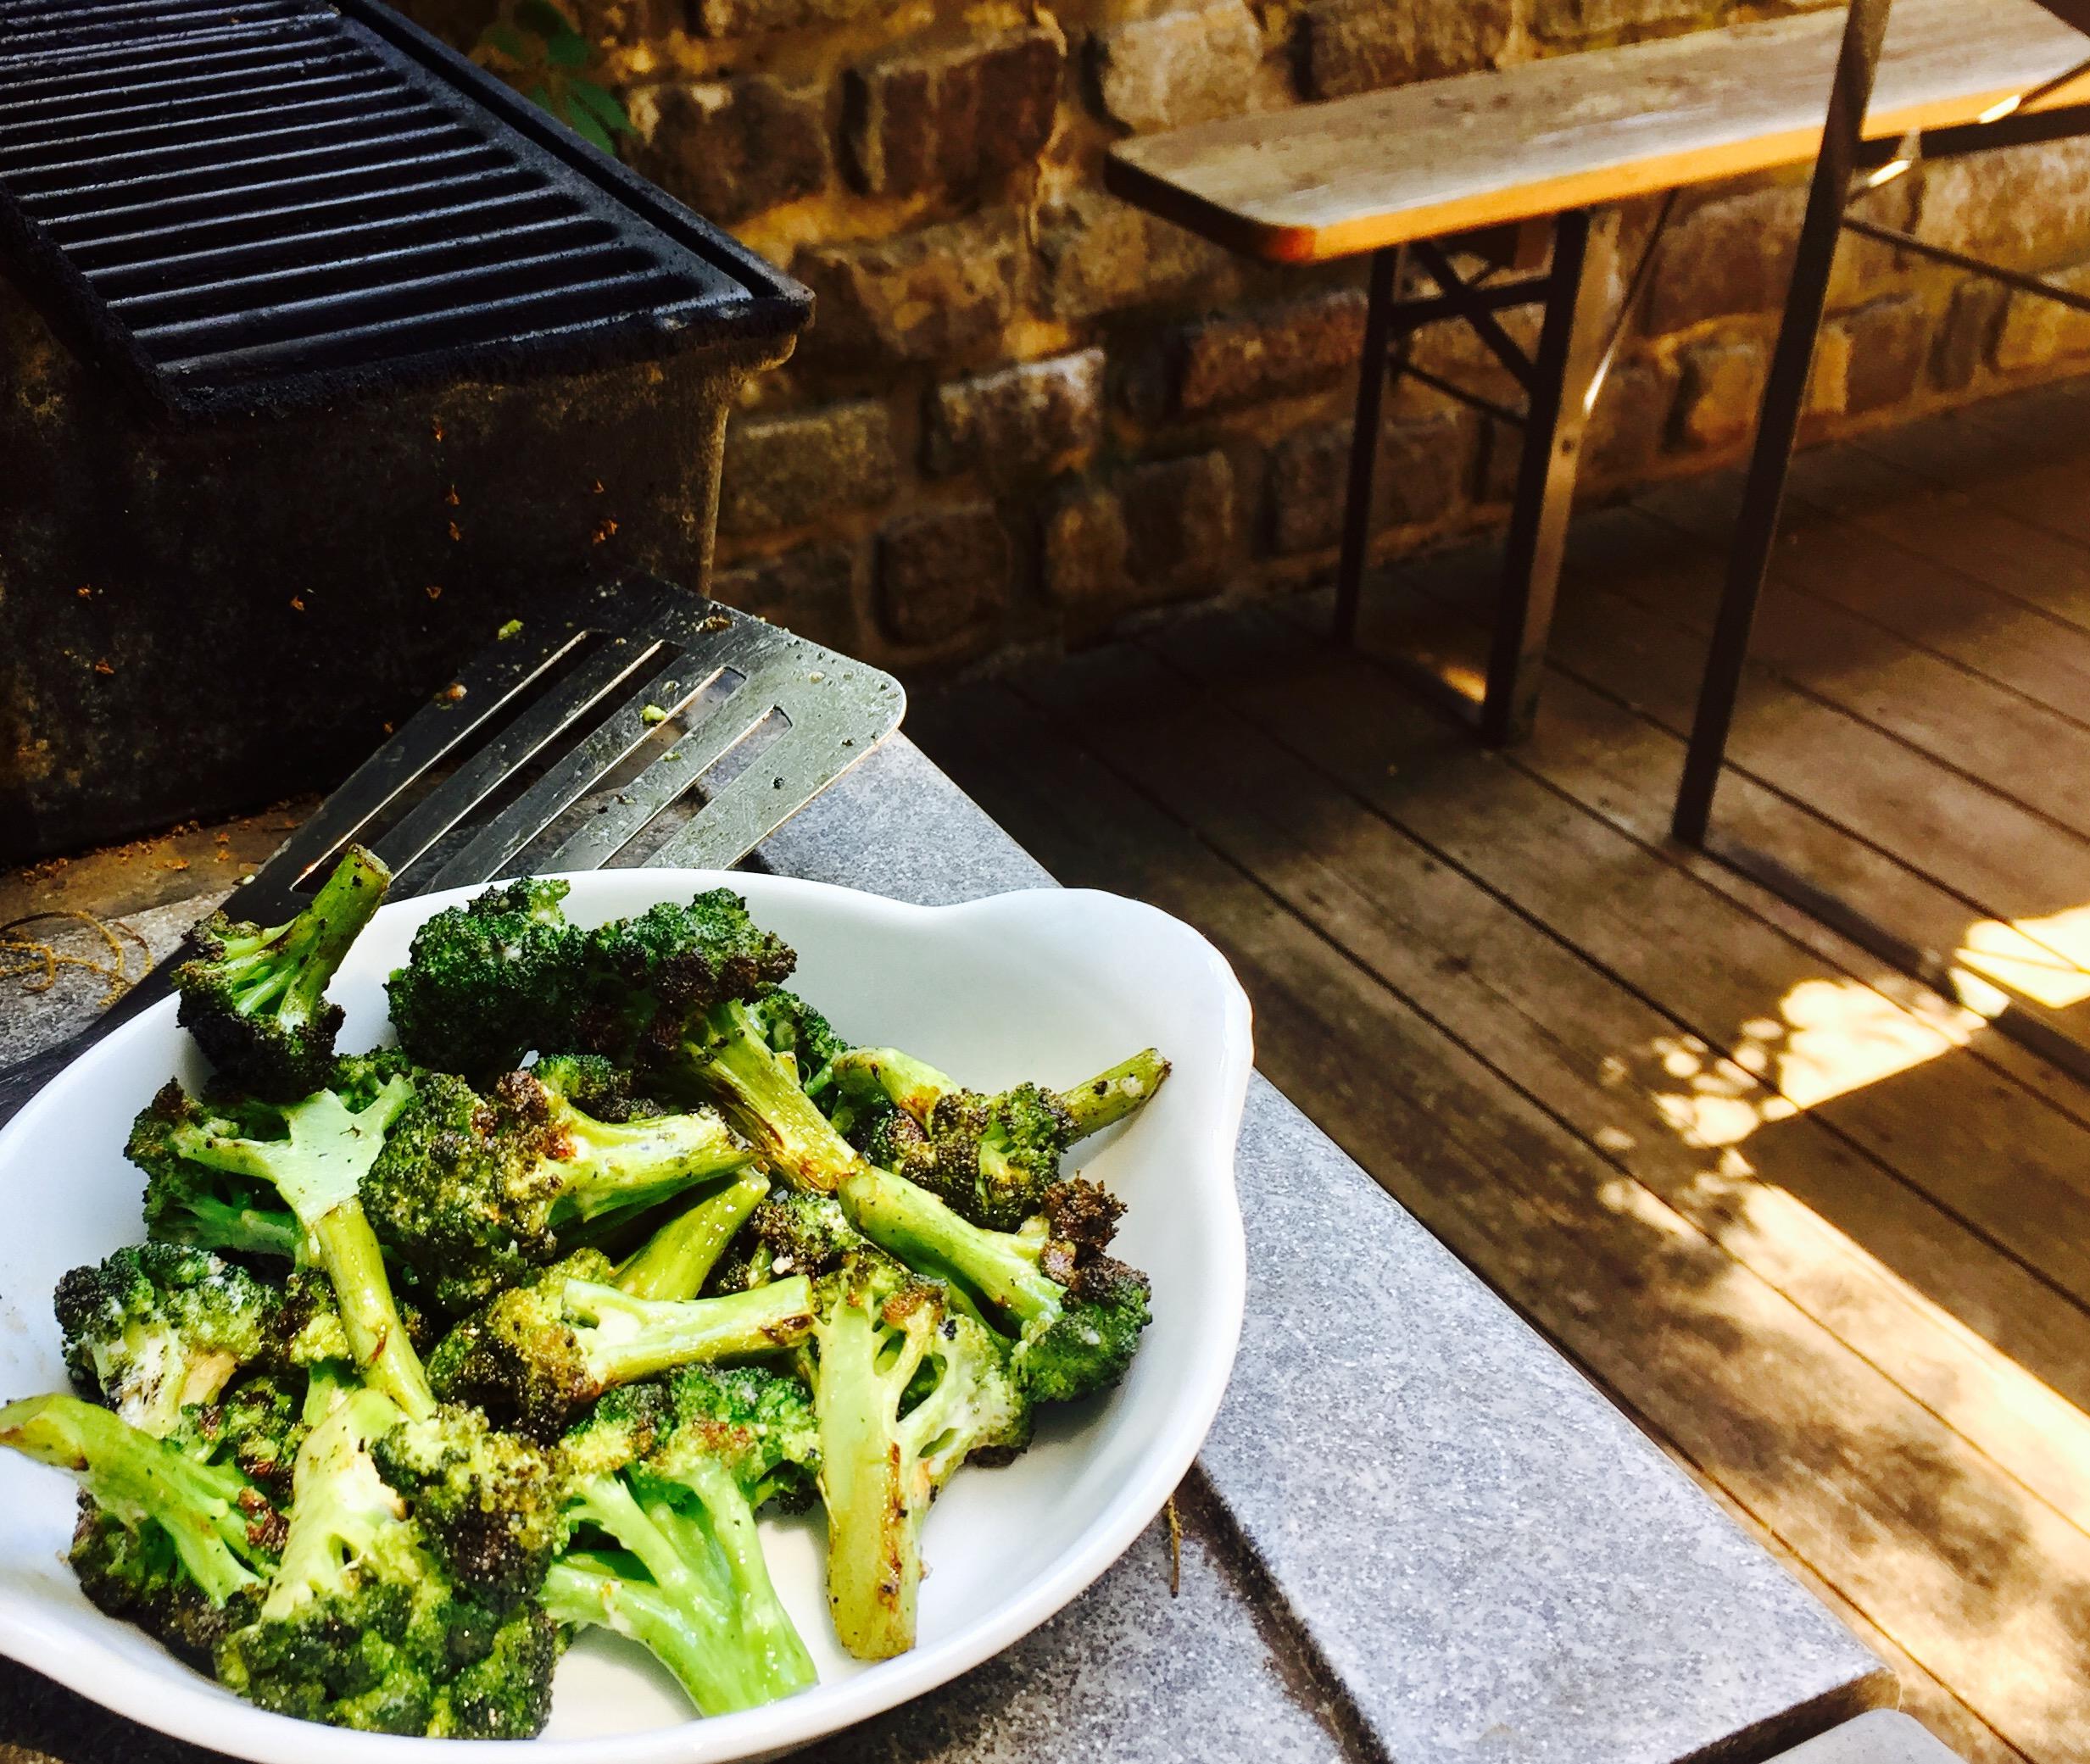 BBQ Charred Broccoli